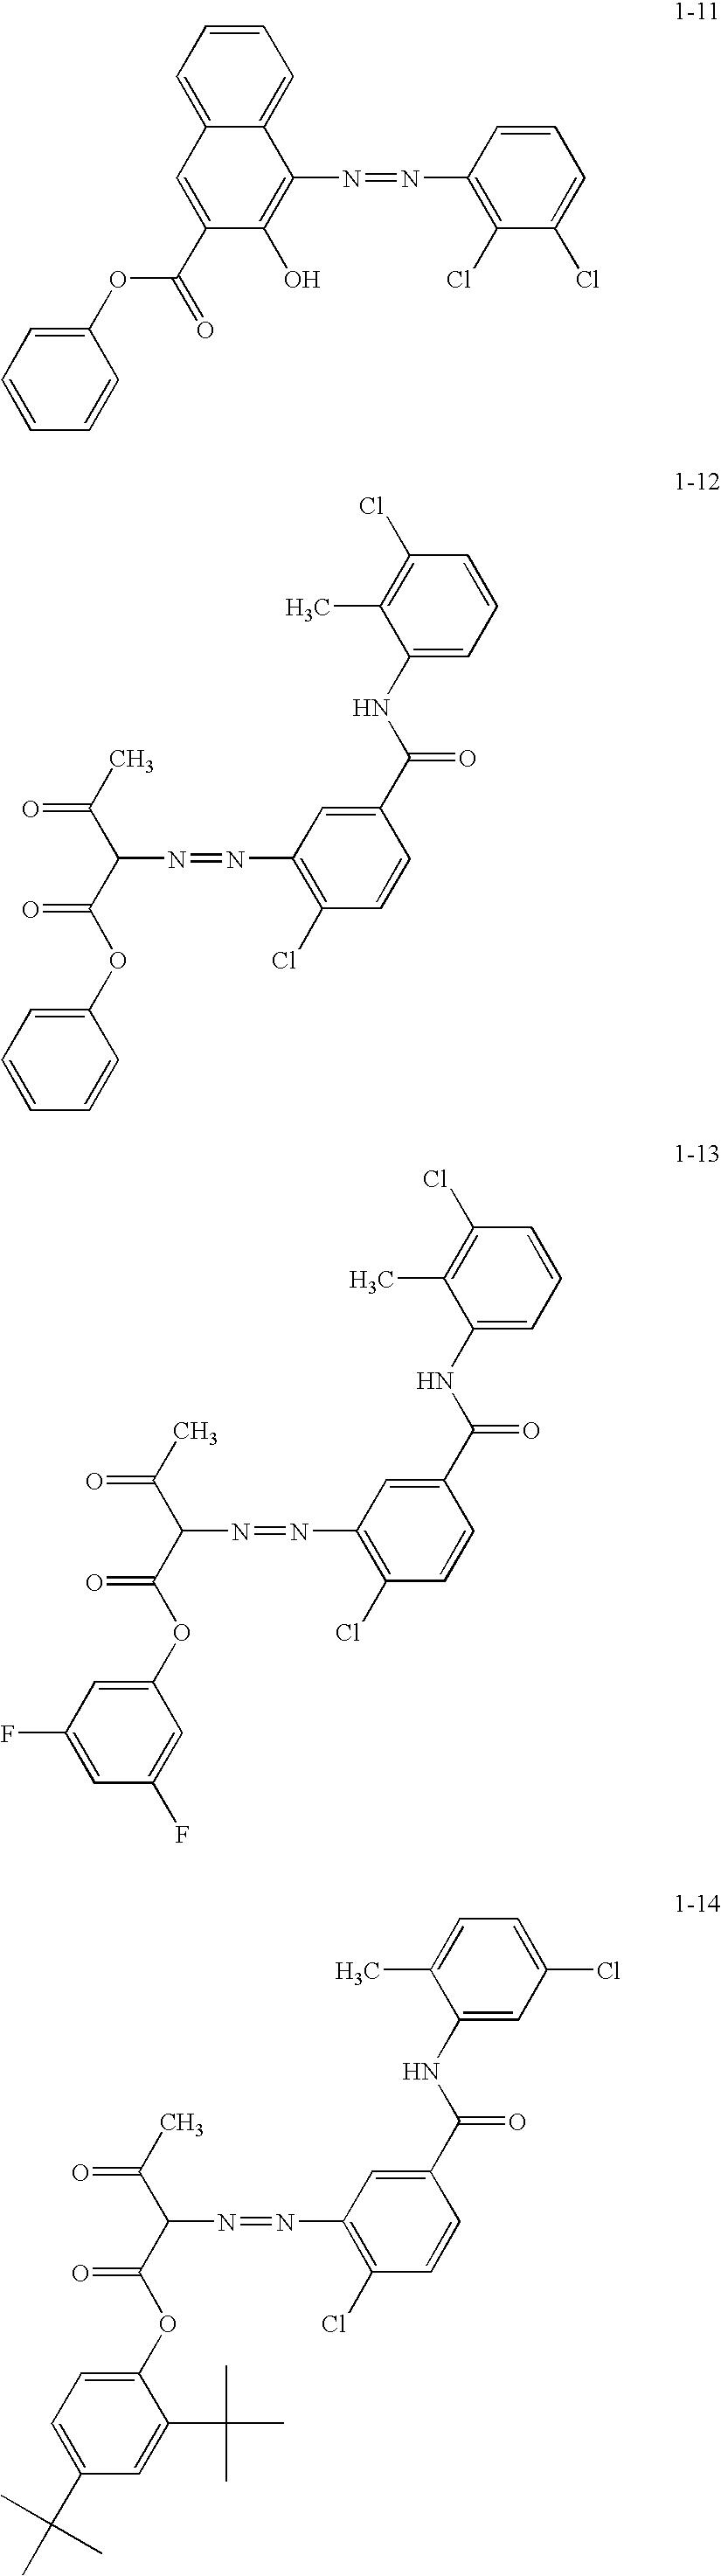 Figure US07160380-20070109-C00013